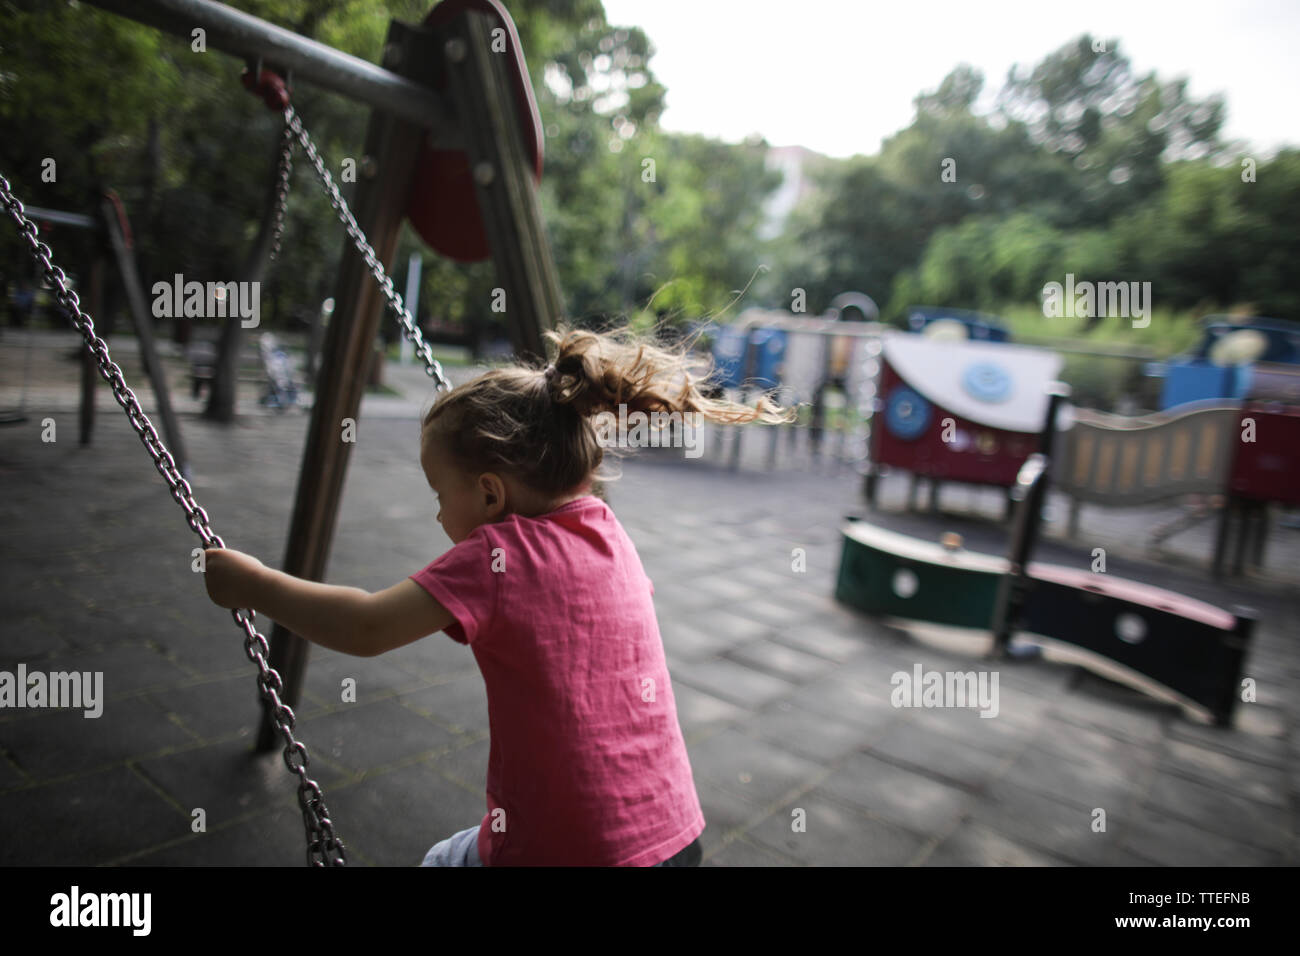 Jeune fille se balançant dans une aire de jeu pour les enfants sans que personne autour. Photo Stock